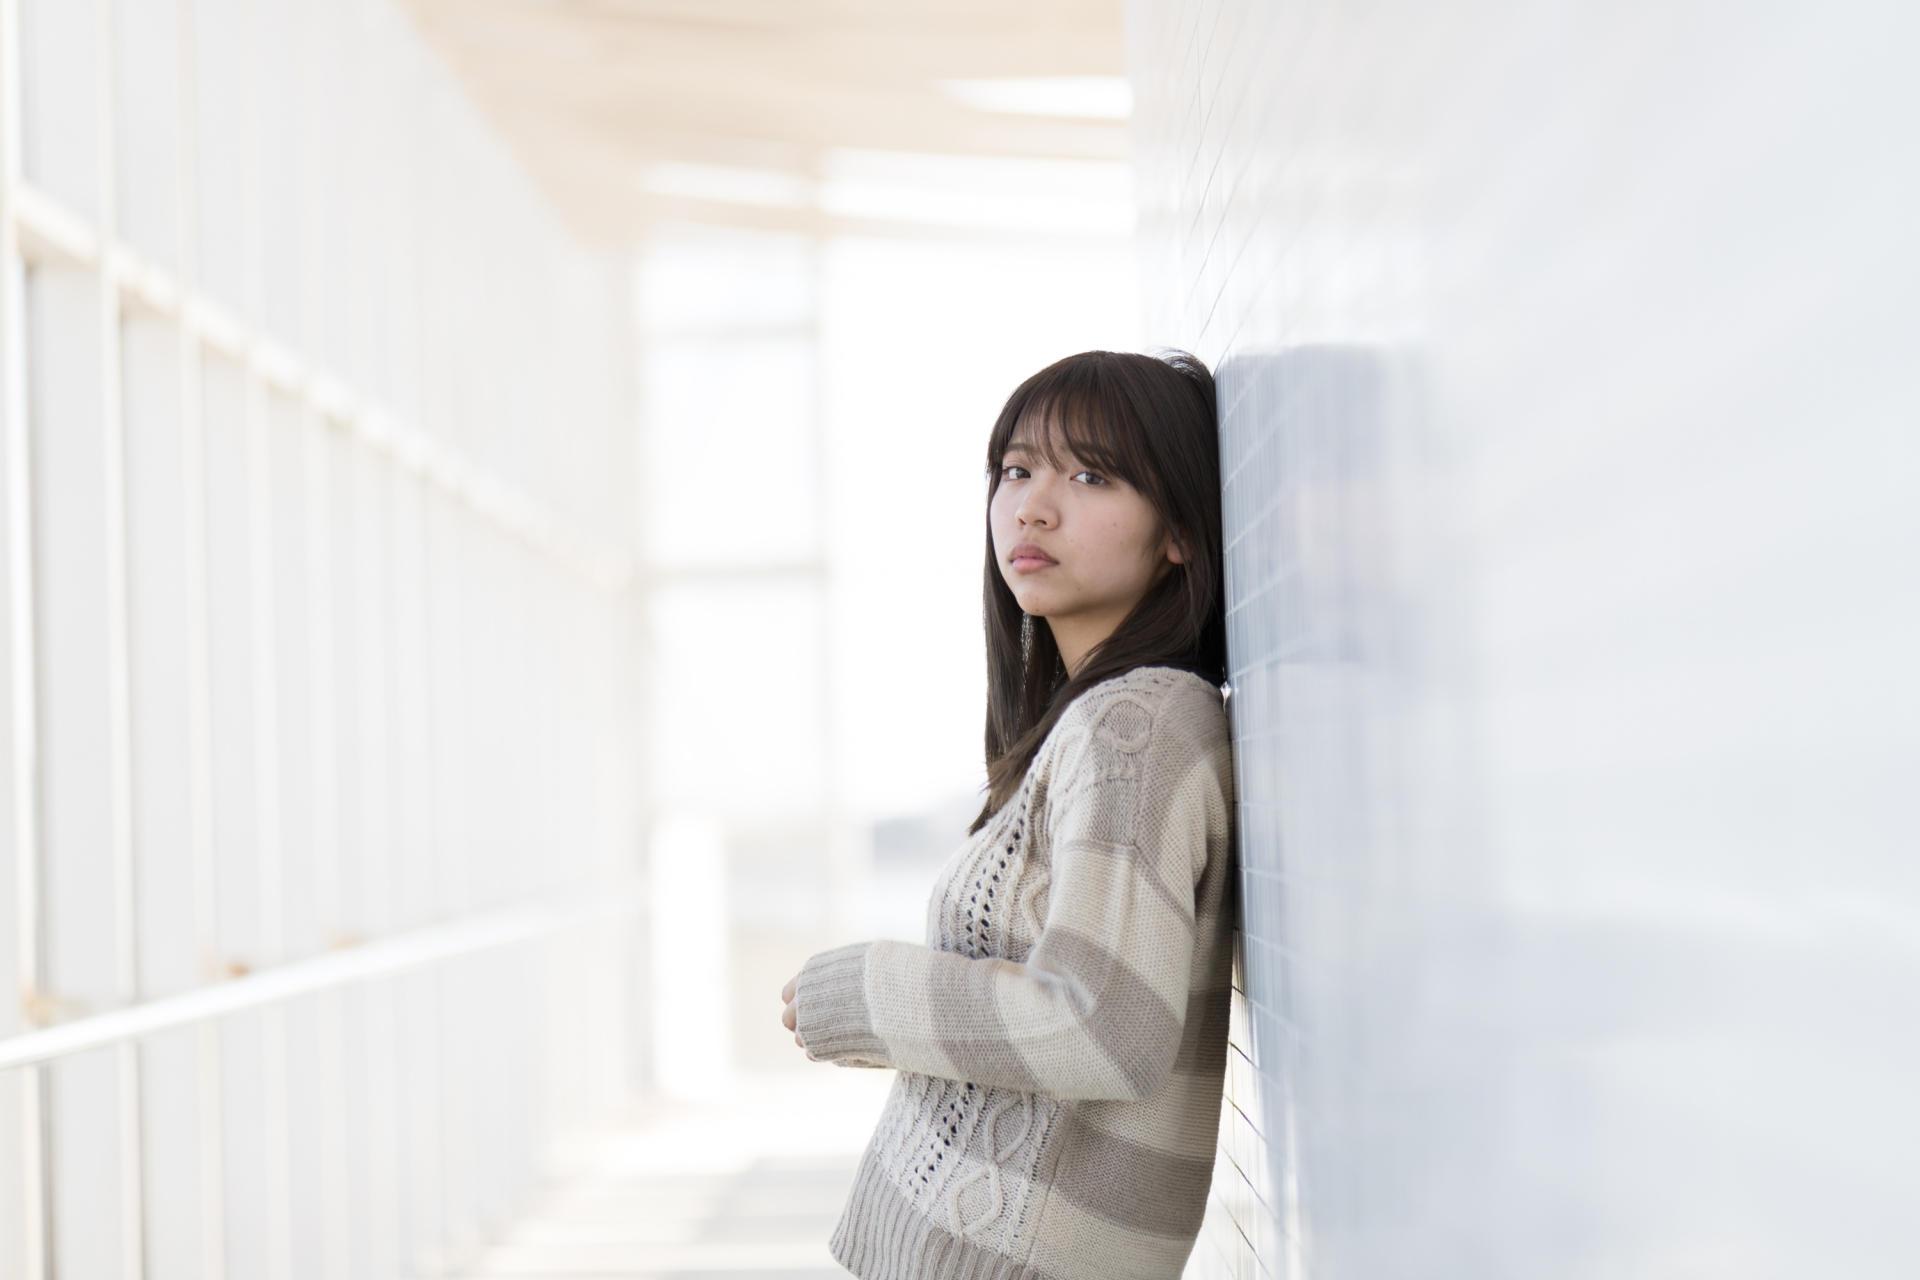 壁に寄りかかっている大学生の女の子